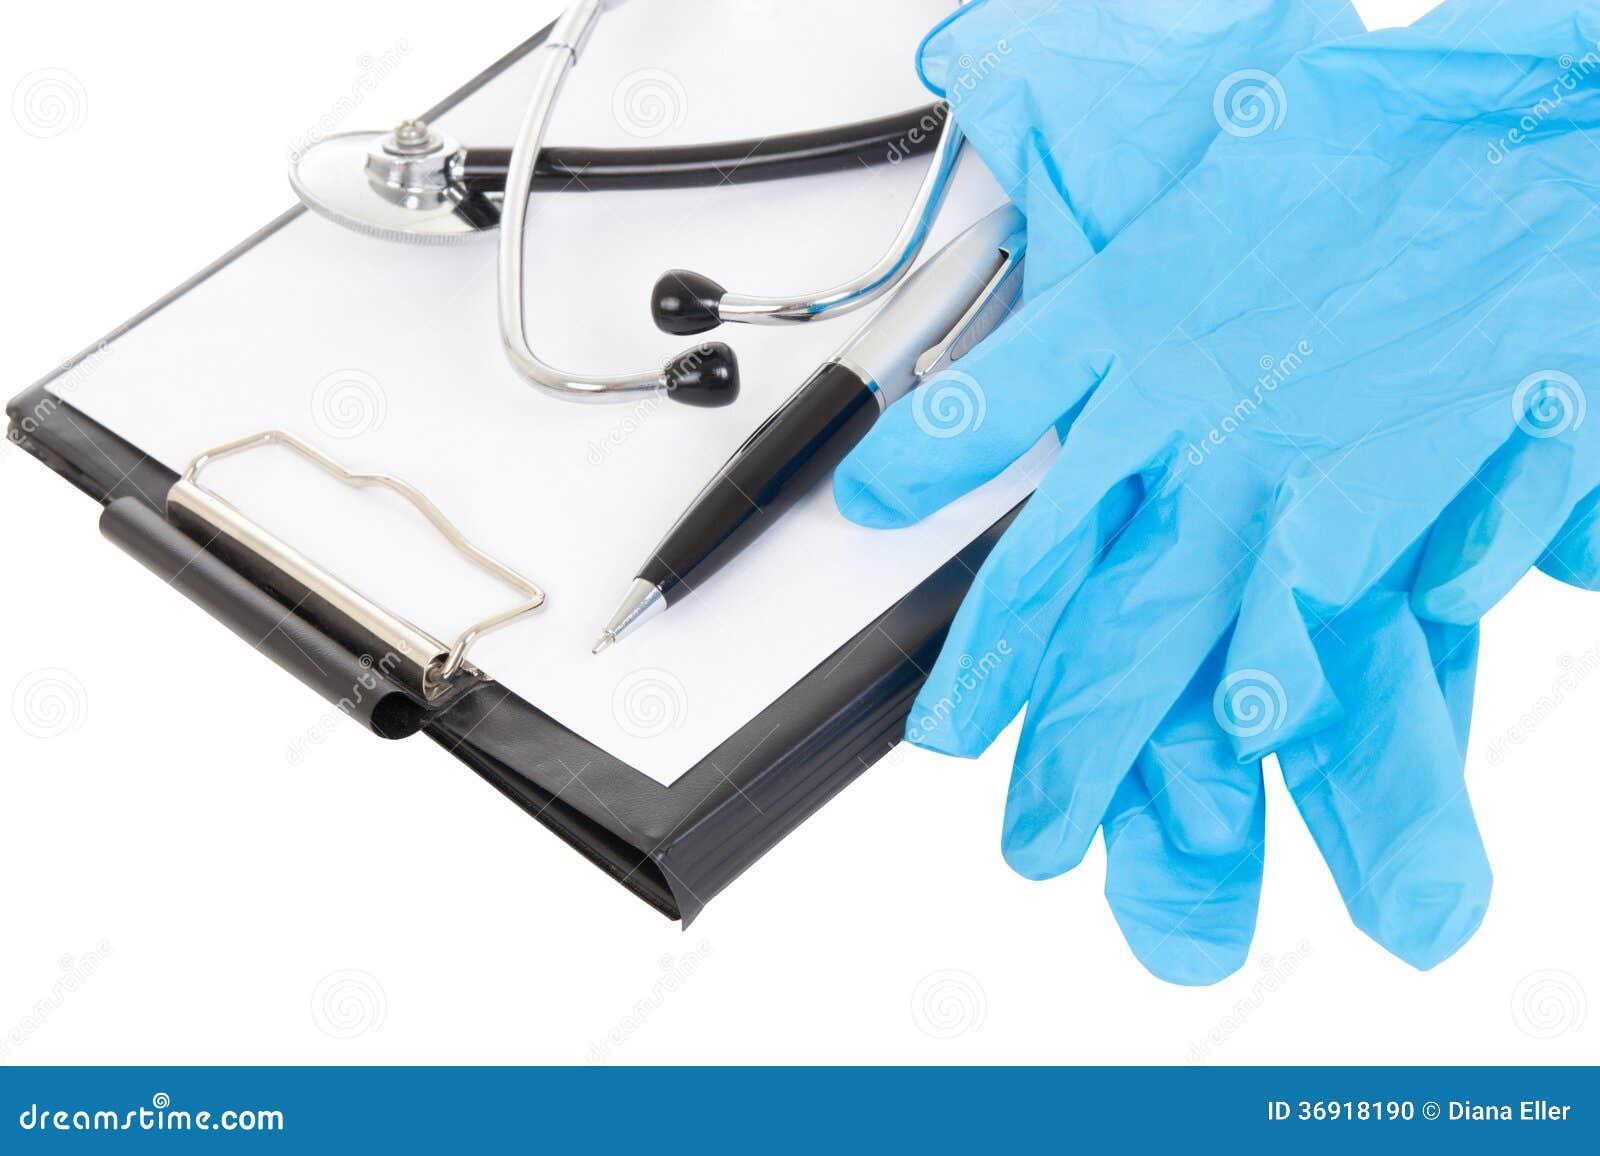 Zamyka up plastikowy schowek, pióro, gumowe rękawiczki i stethoscop,